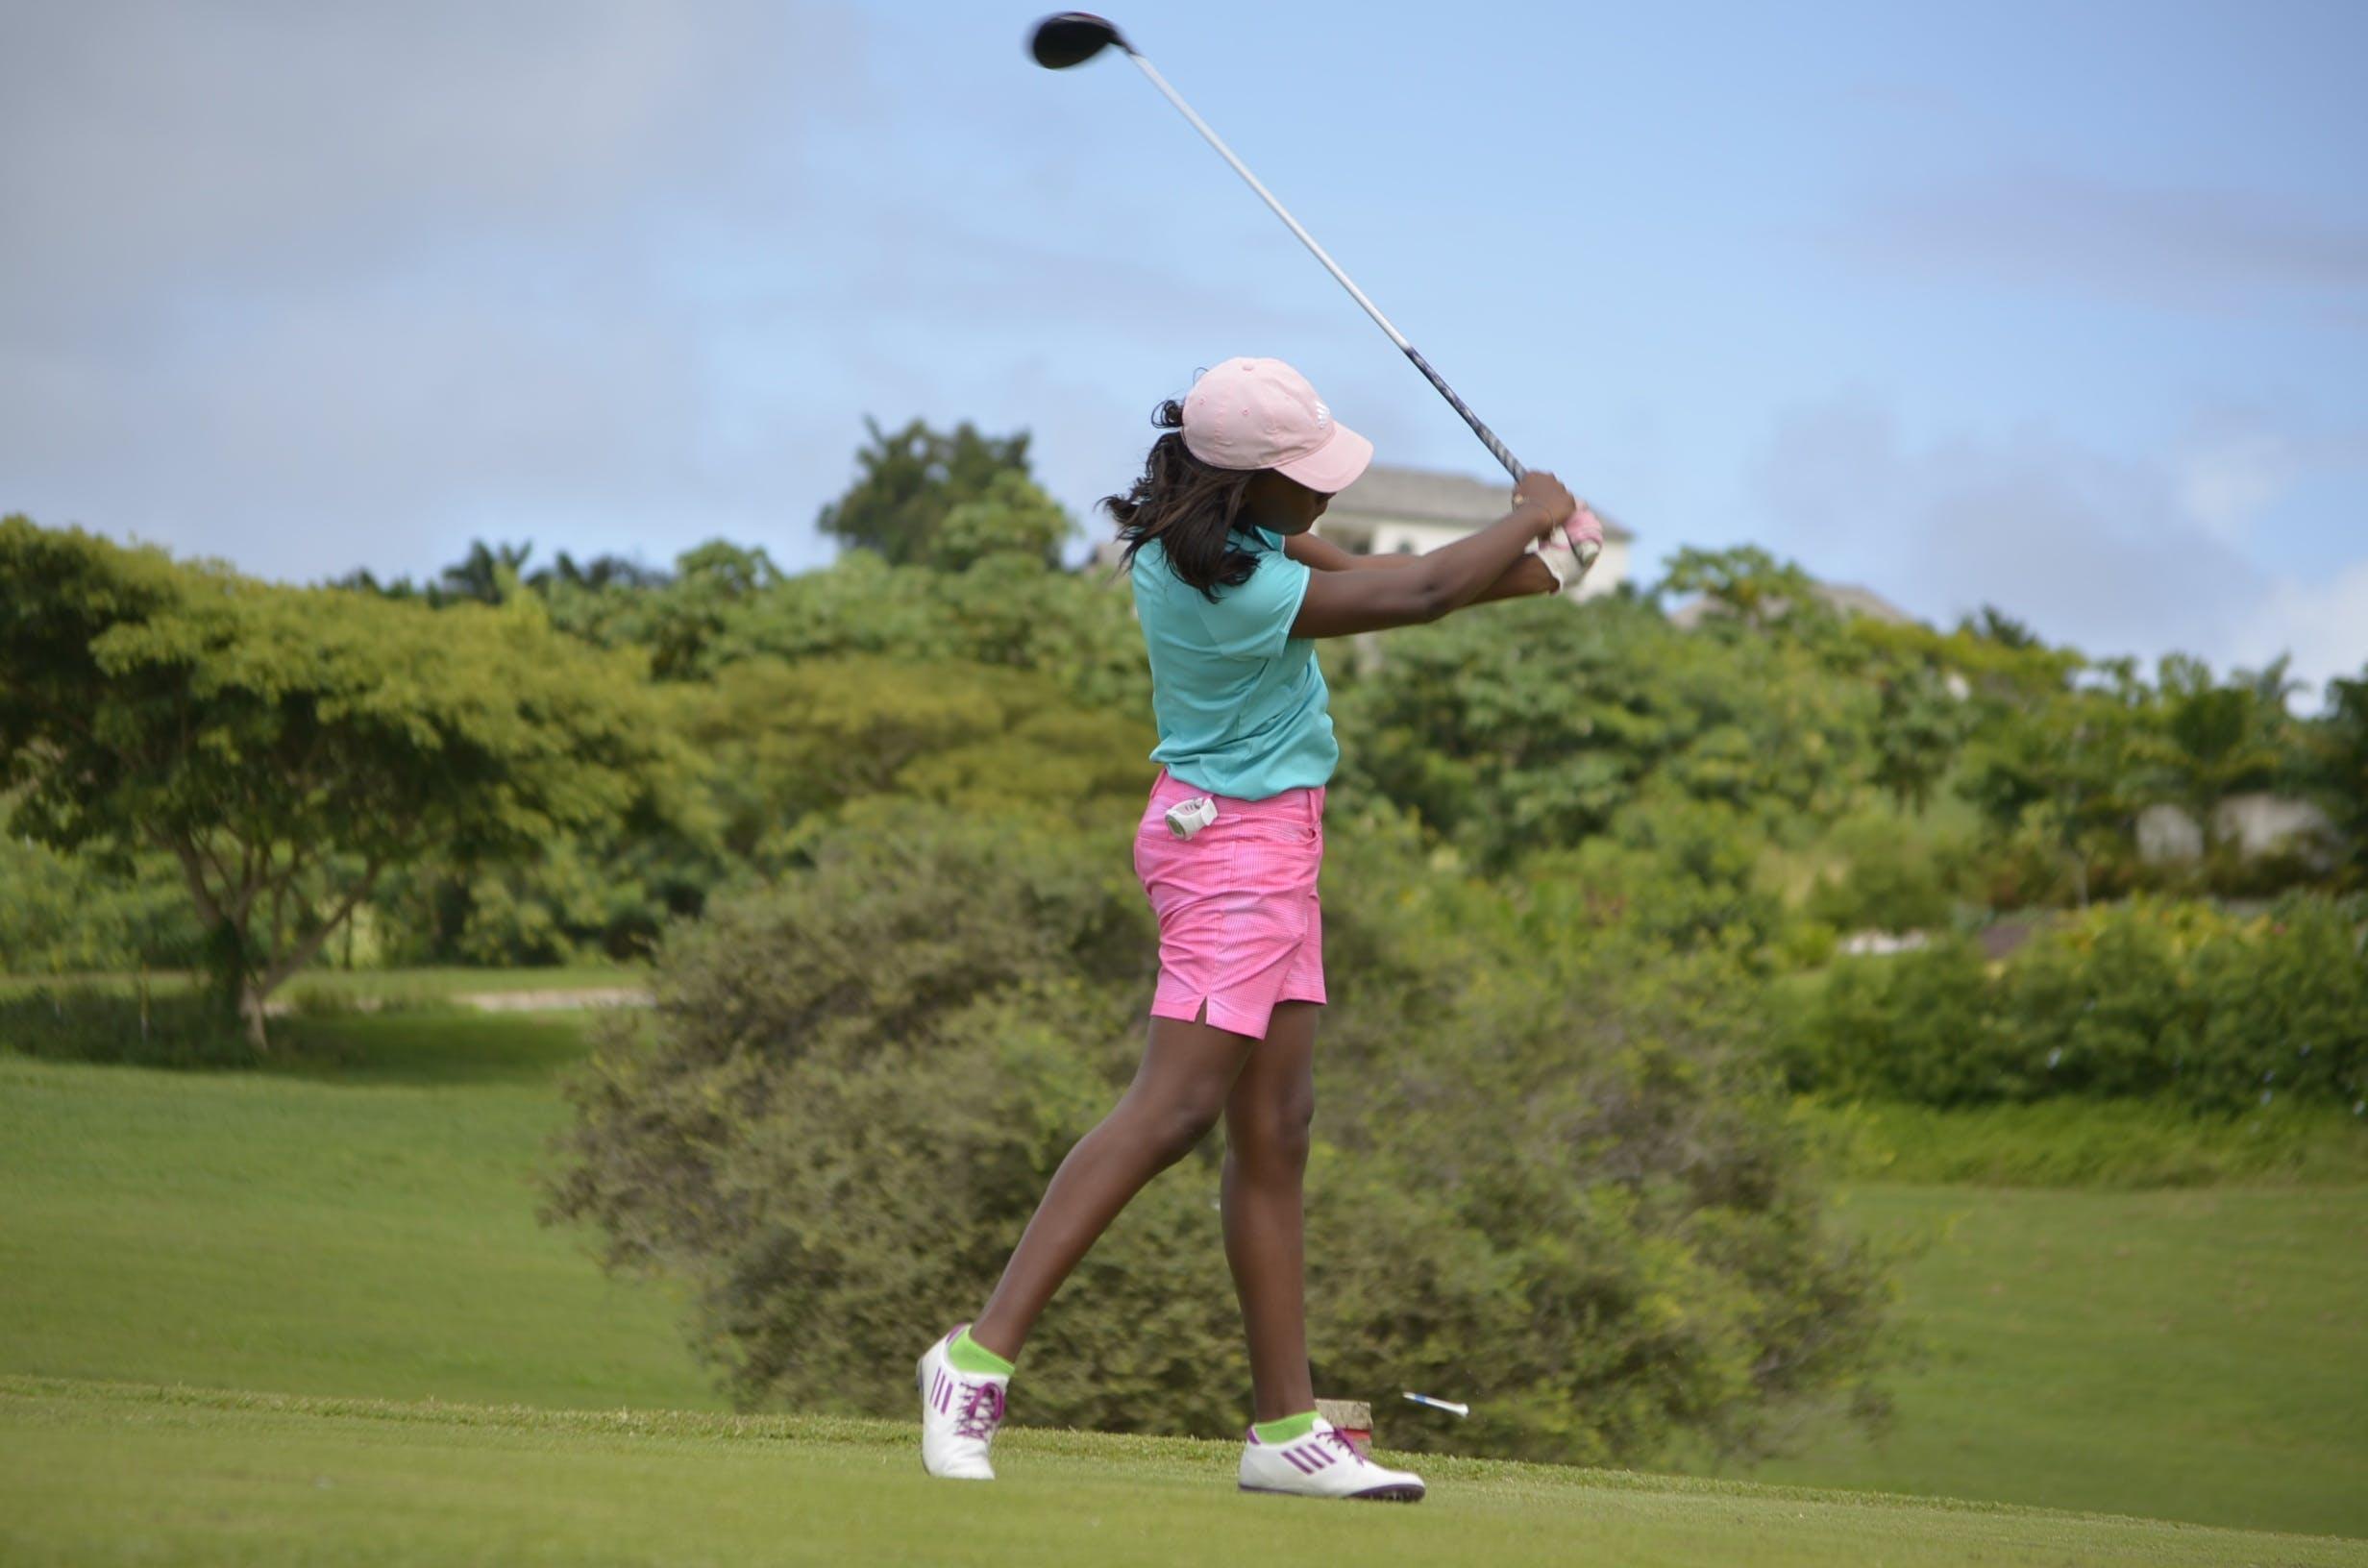 Безкоштовне стокове фото на тему «гольф, гольф-клуб, гольфіст, гра»